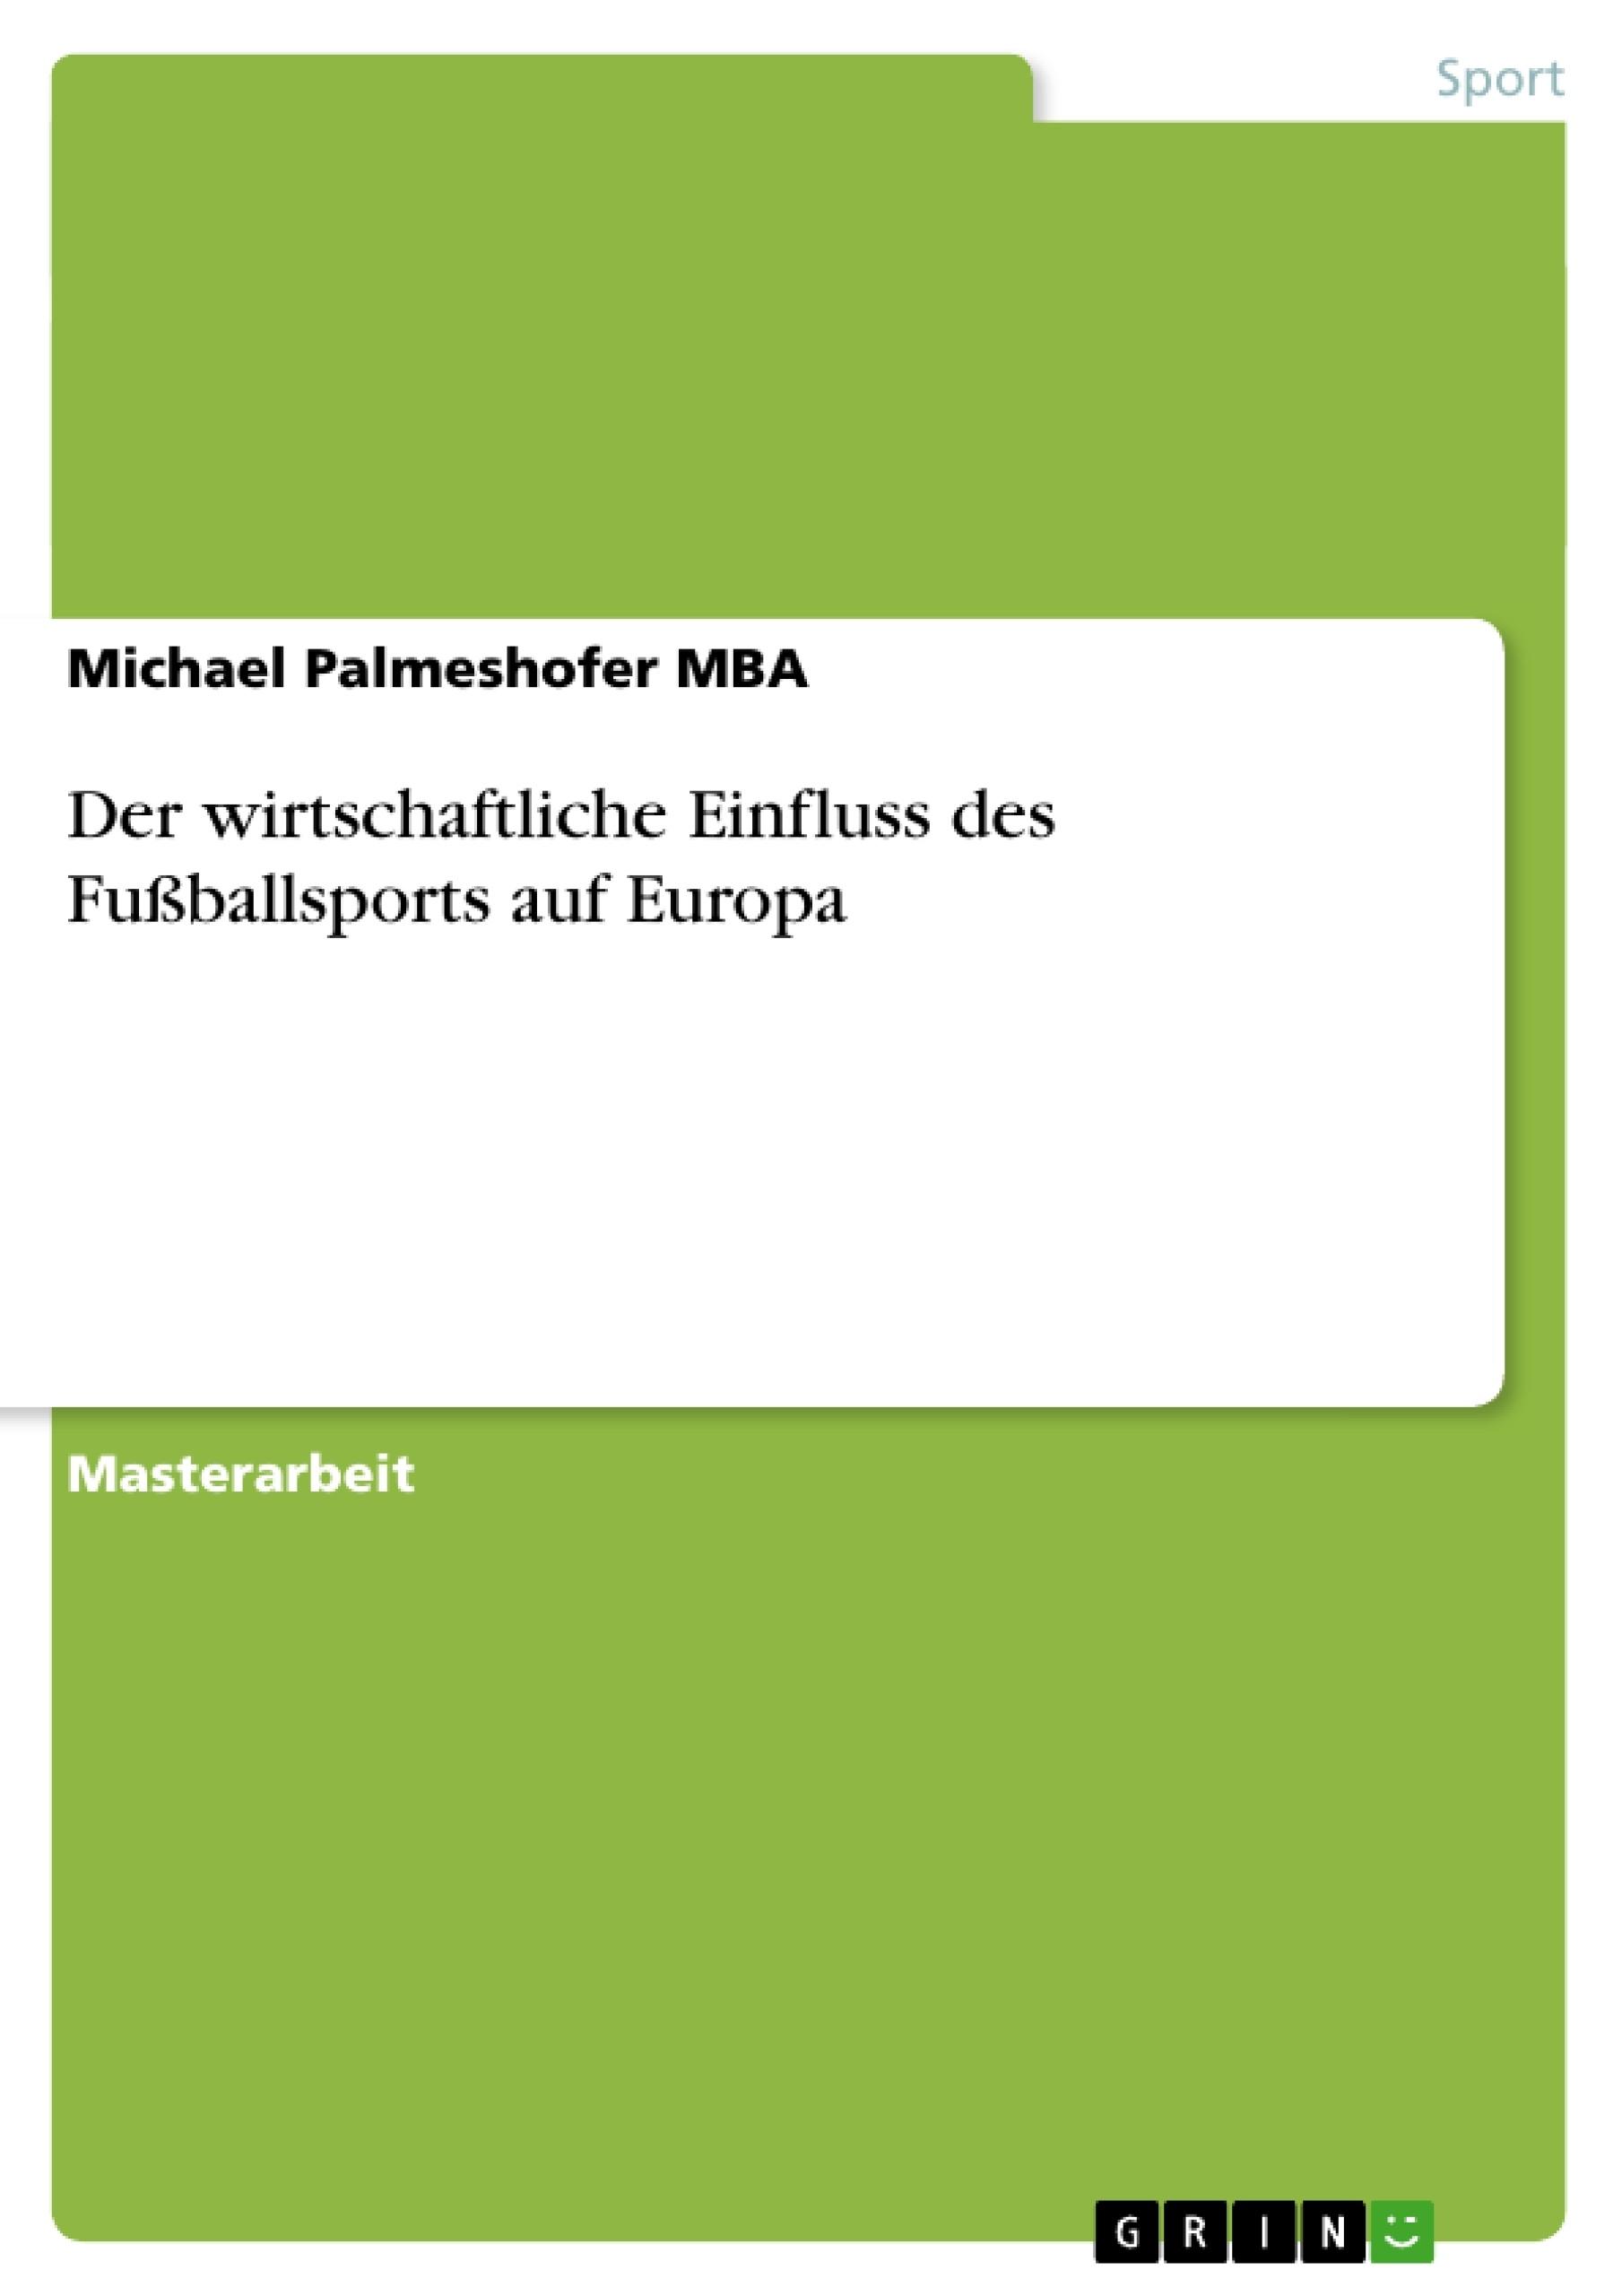 Titel: Der wirtschaftliche Einfluss des Fußballsports auf Europa